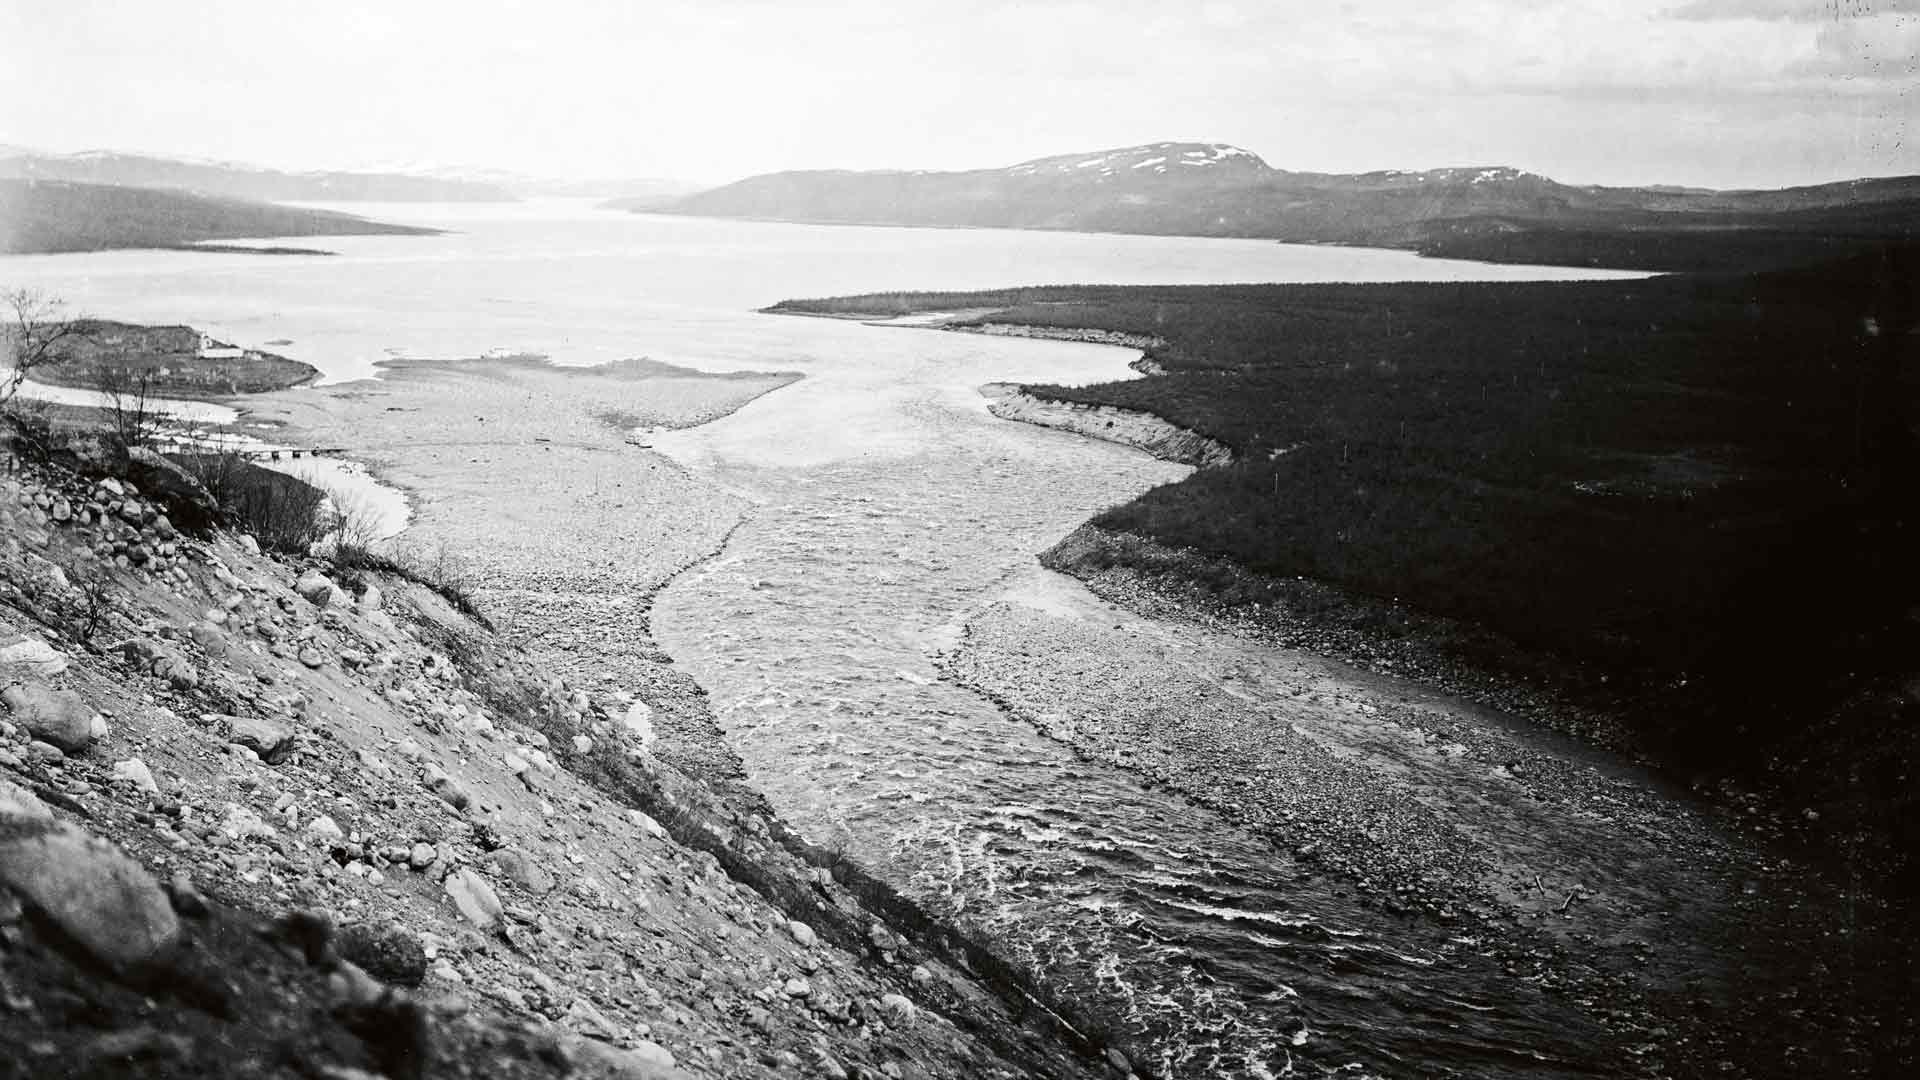 Kalaisat Jäämeren rannat ja joet ruokkivat nälkäisiä suomalaisia ja niiden rannoille, varsille ja töyräille uudisasukkaat rakensivat myös talojaan, ensin usein turpeesta ja sitten hirsistä. Heitä asui myös sisemmässä osassa aluetta.